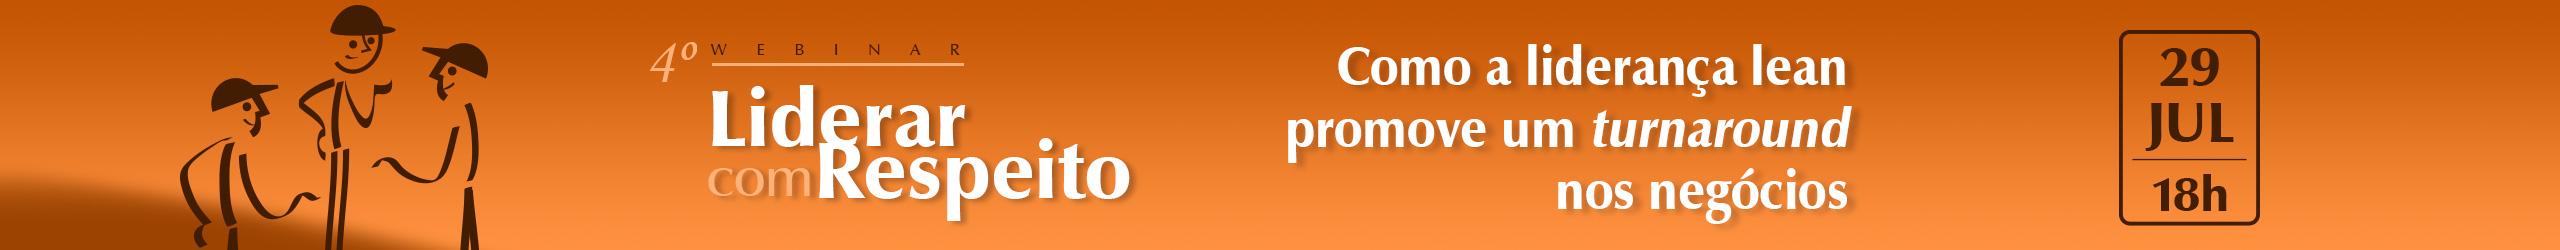 4º Webinar - Liderar com respeito: Como a liderança lean promove um turnaround nos negócios